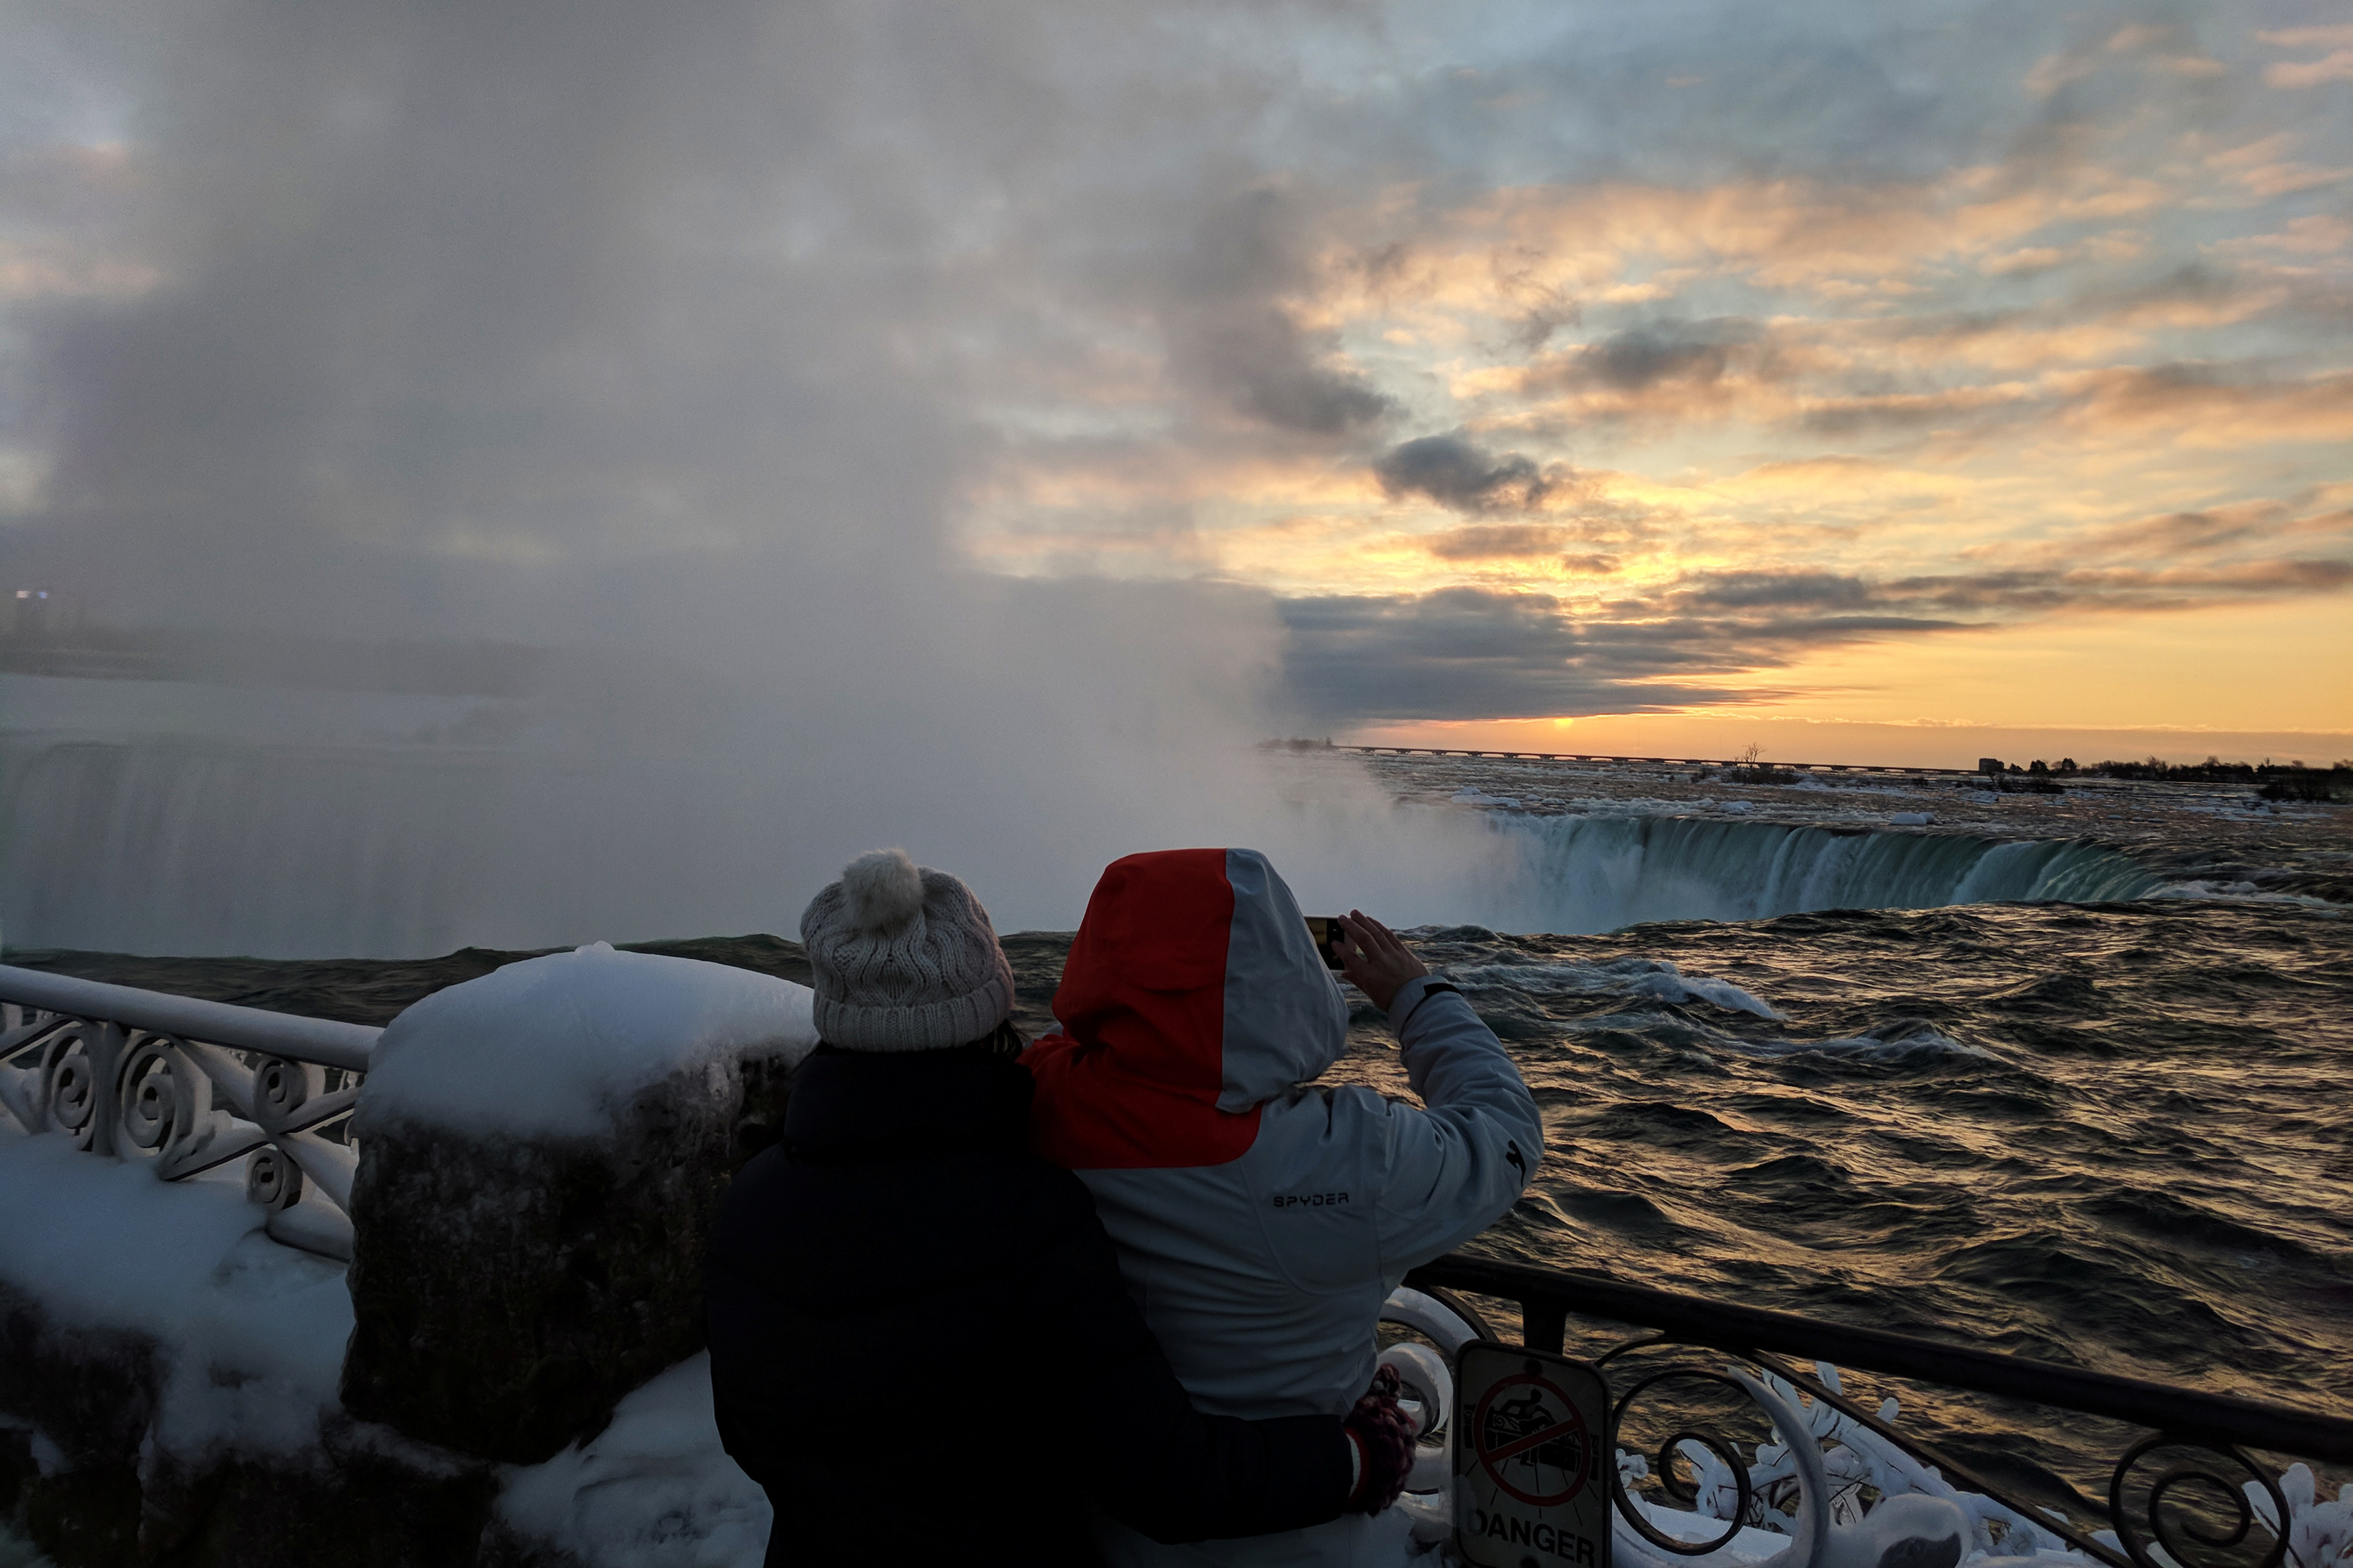 مواطنون يشاهدون الثلوج بشلالات نياجرا